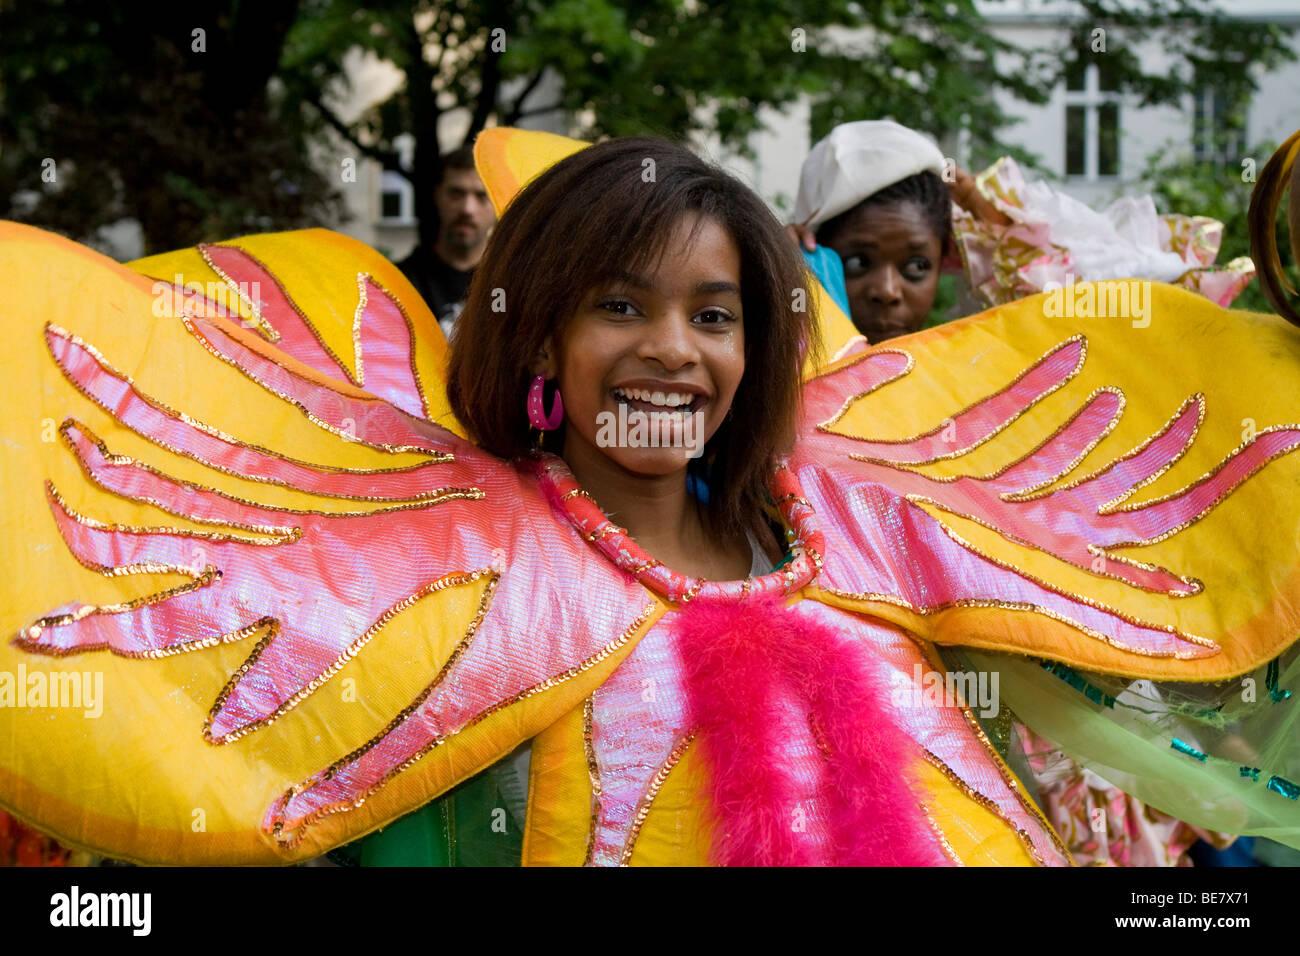 Giovane donna, gruppo Amasonia, il Carnevale delle culture 2009, Berlino, Germania, Europa Immagini Stock